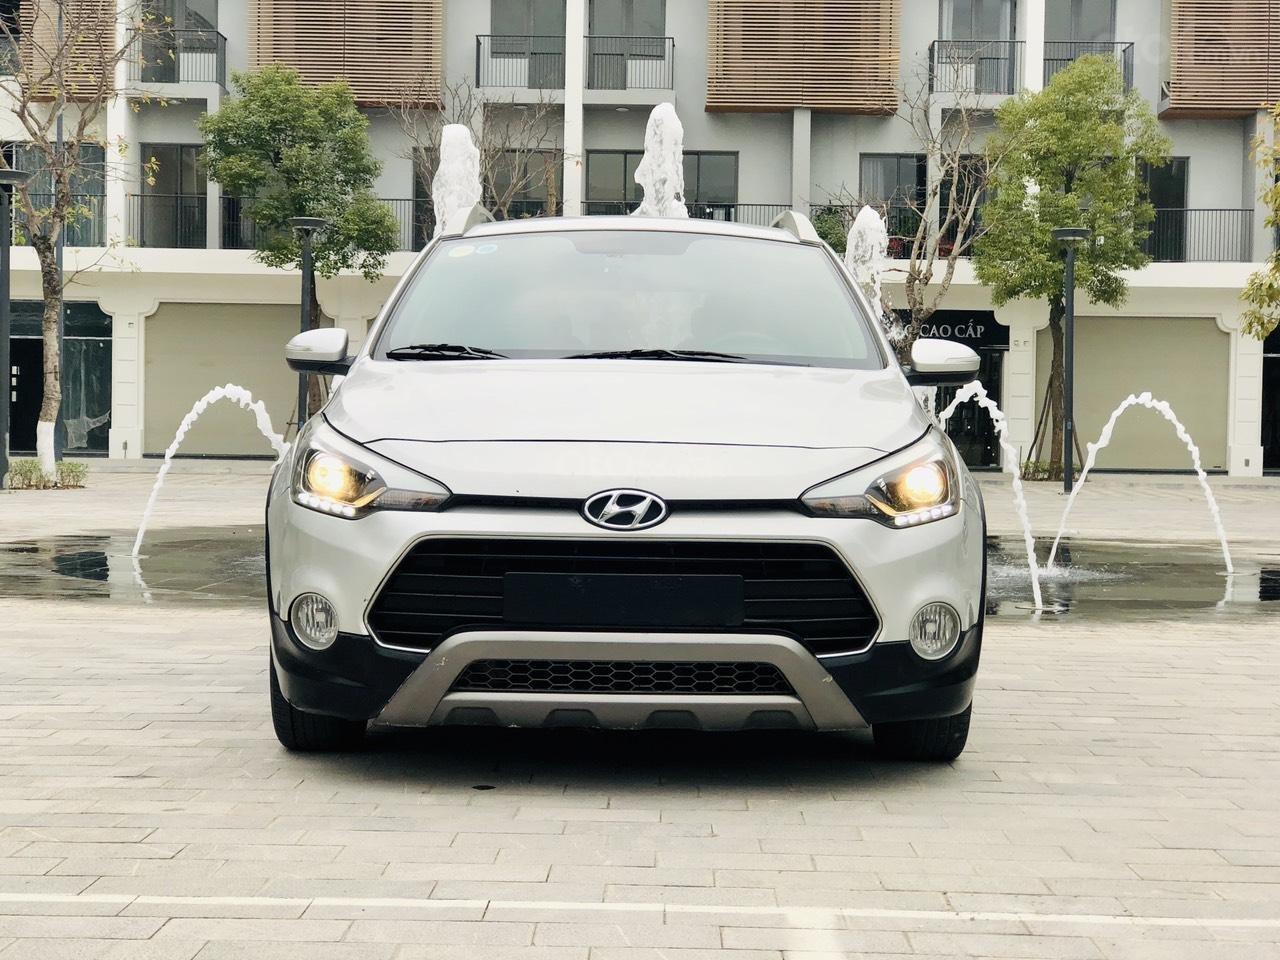 Bán nhanh Hyundai i20 1.4AT SX 2015 bạc, đẹp xuất sắc biển TP (11)